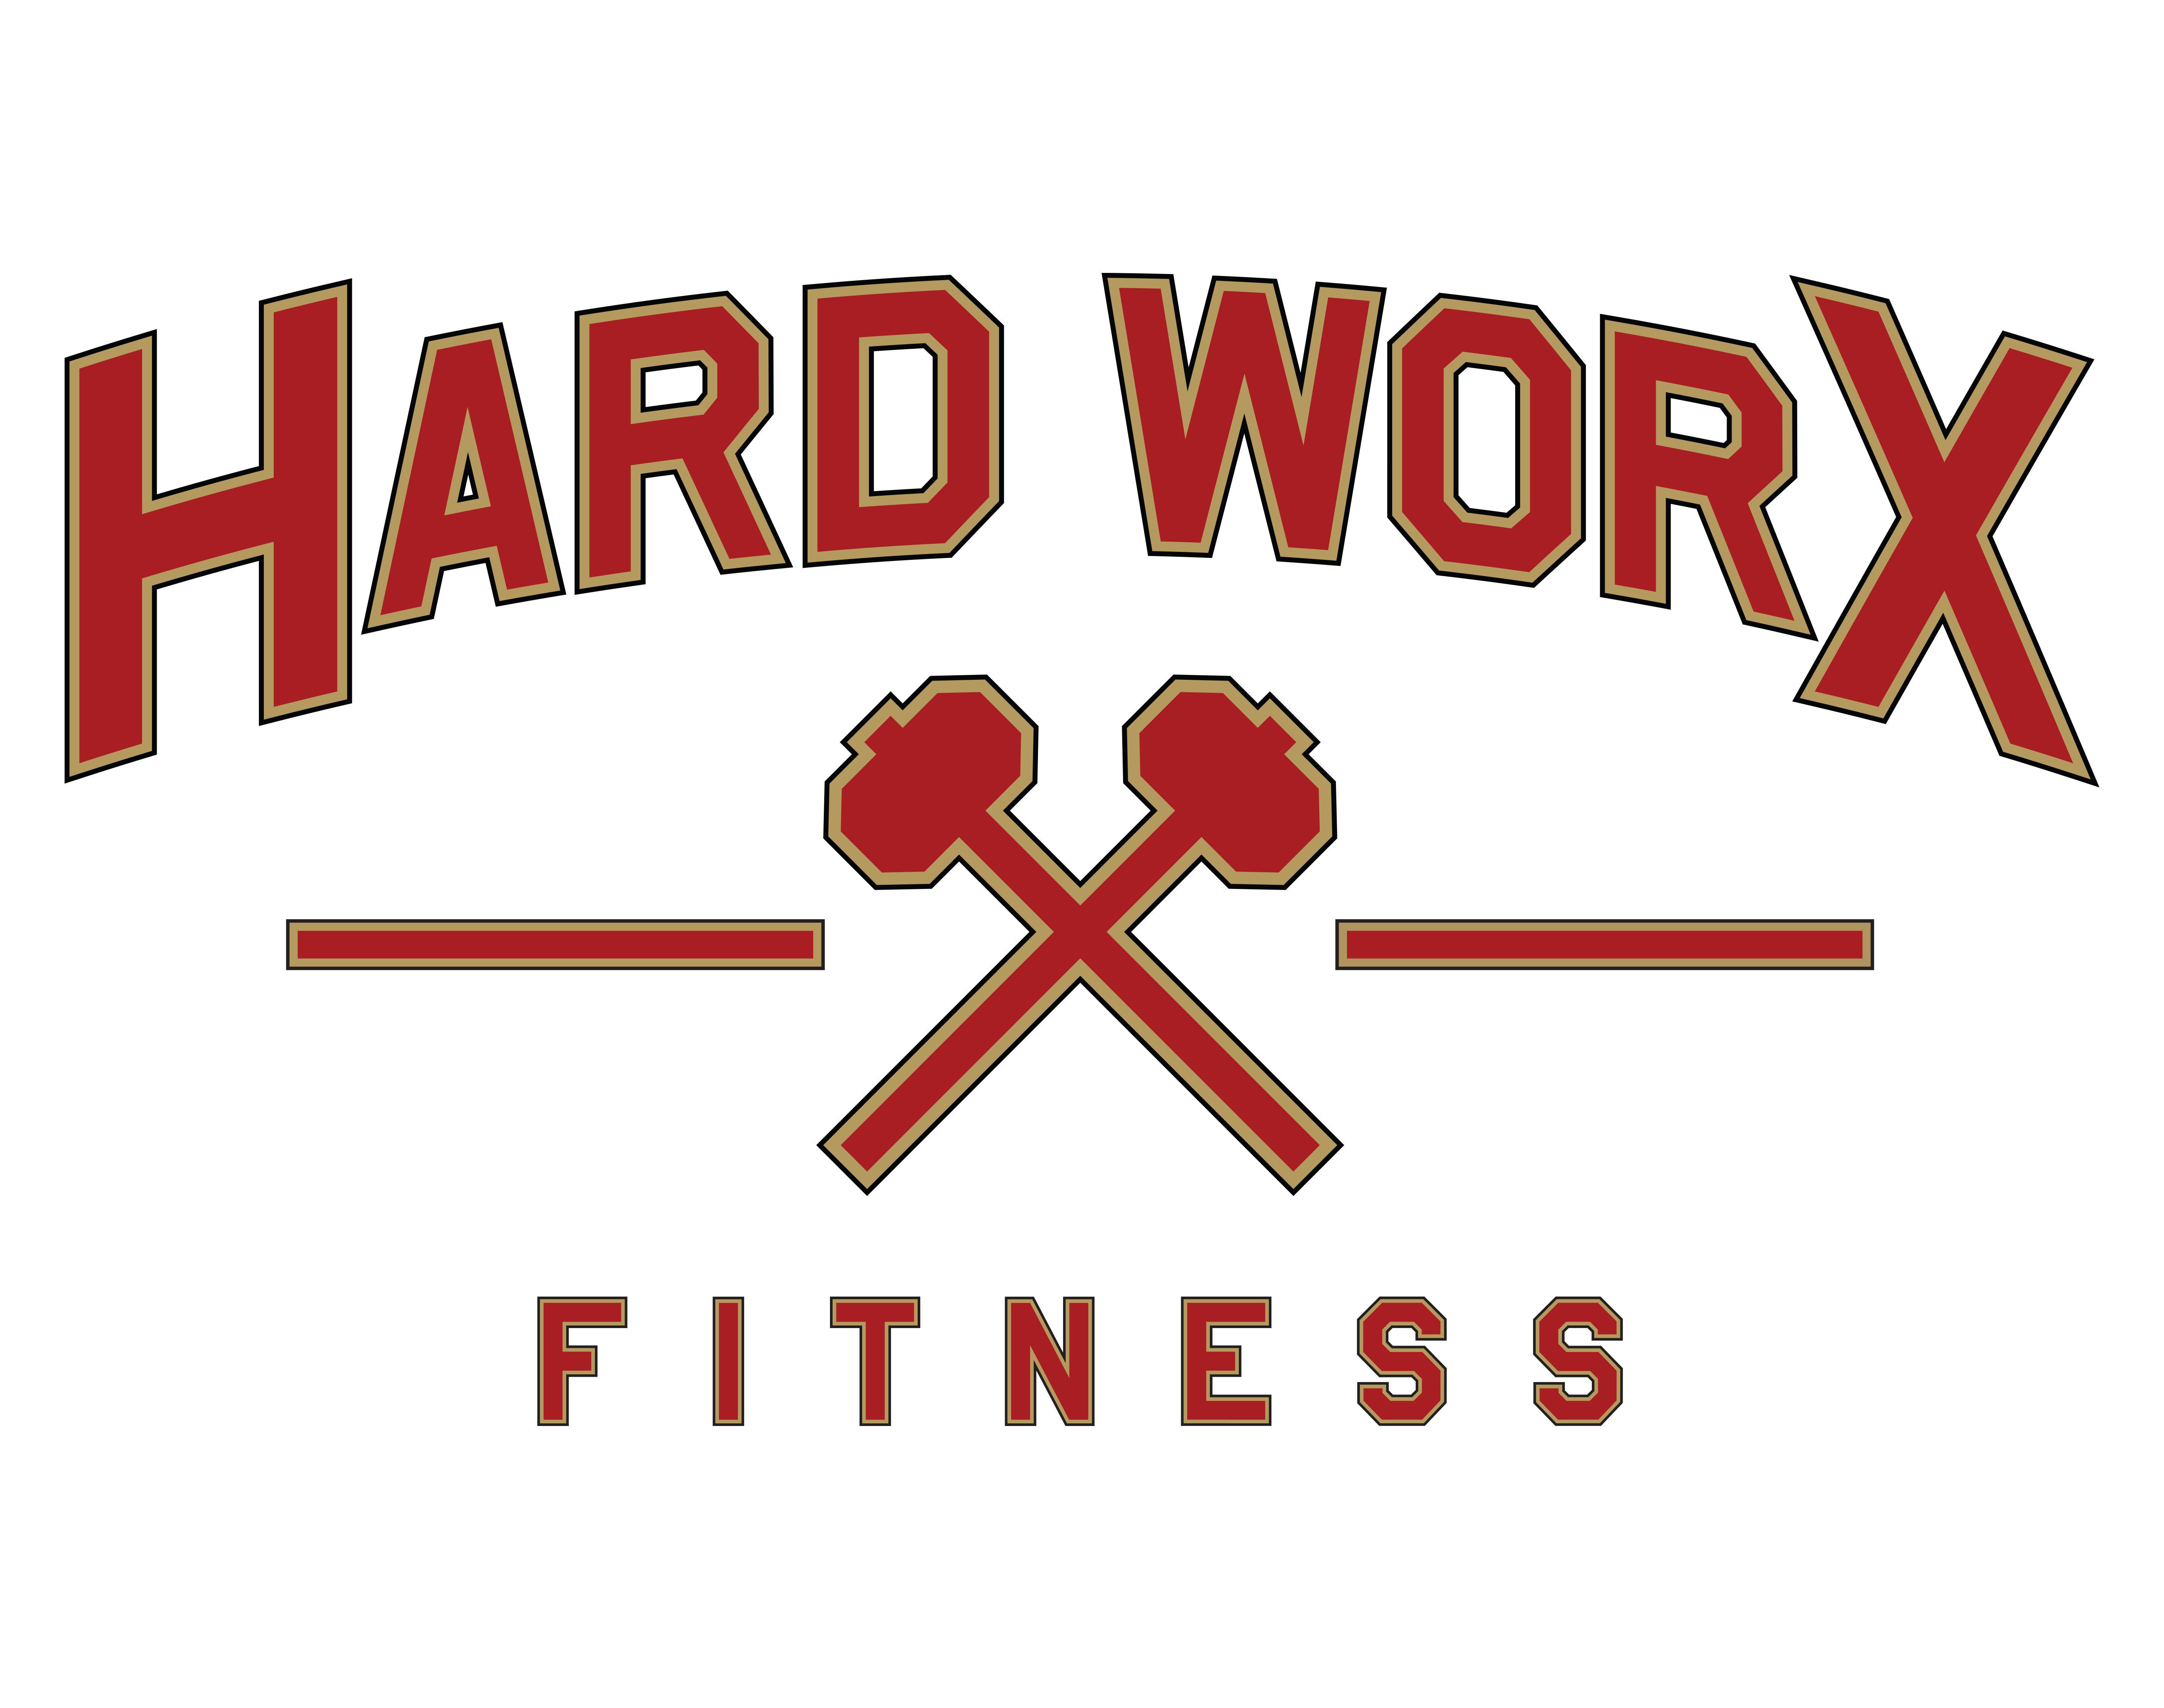 HardWorx Fitness